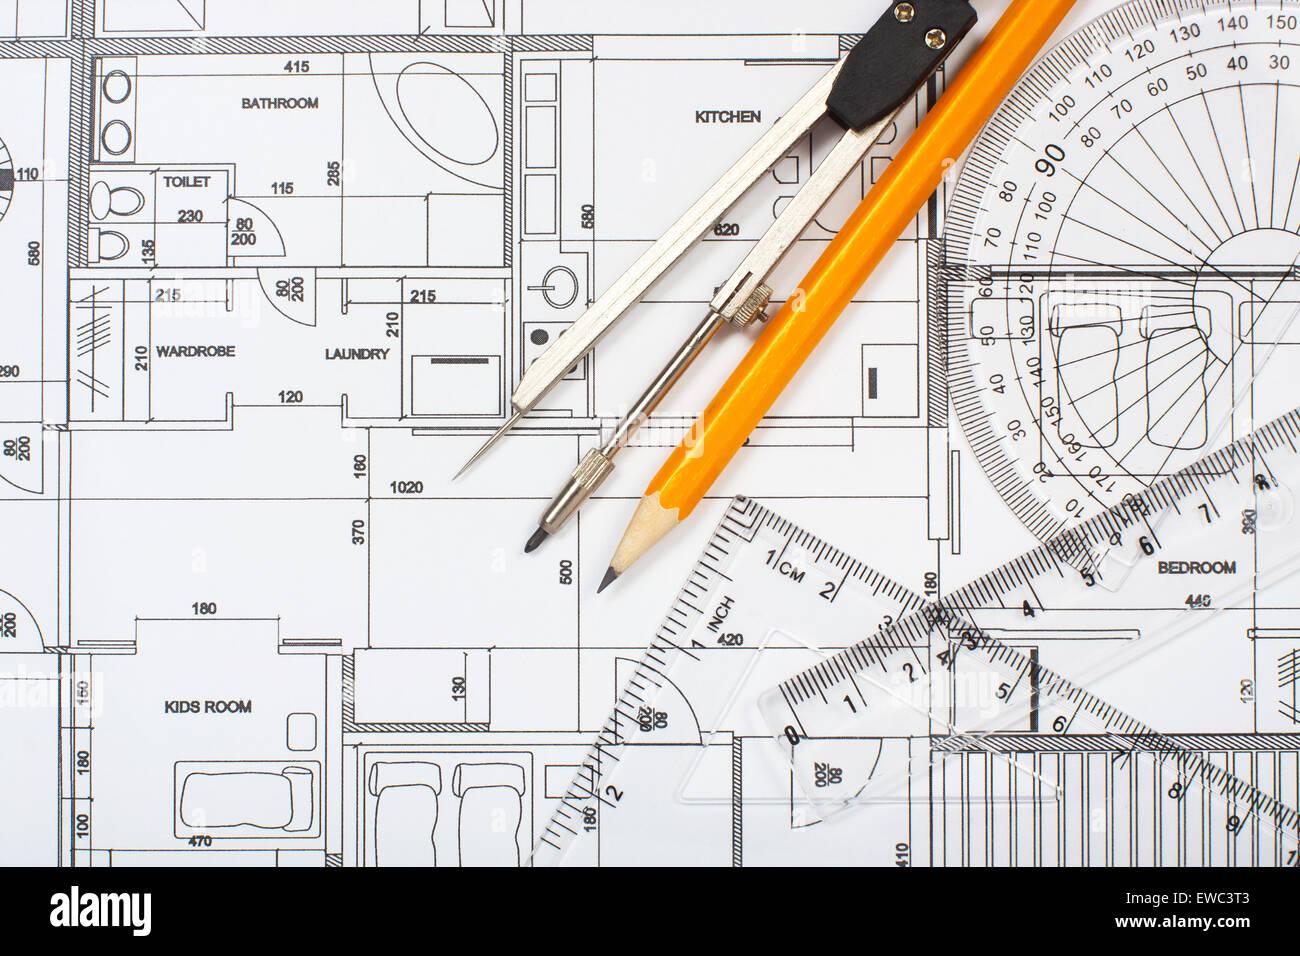 Architekturplan, Bleistift und Lineal Stockbild